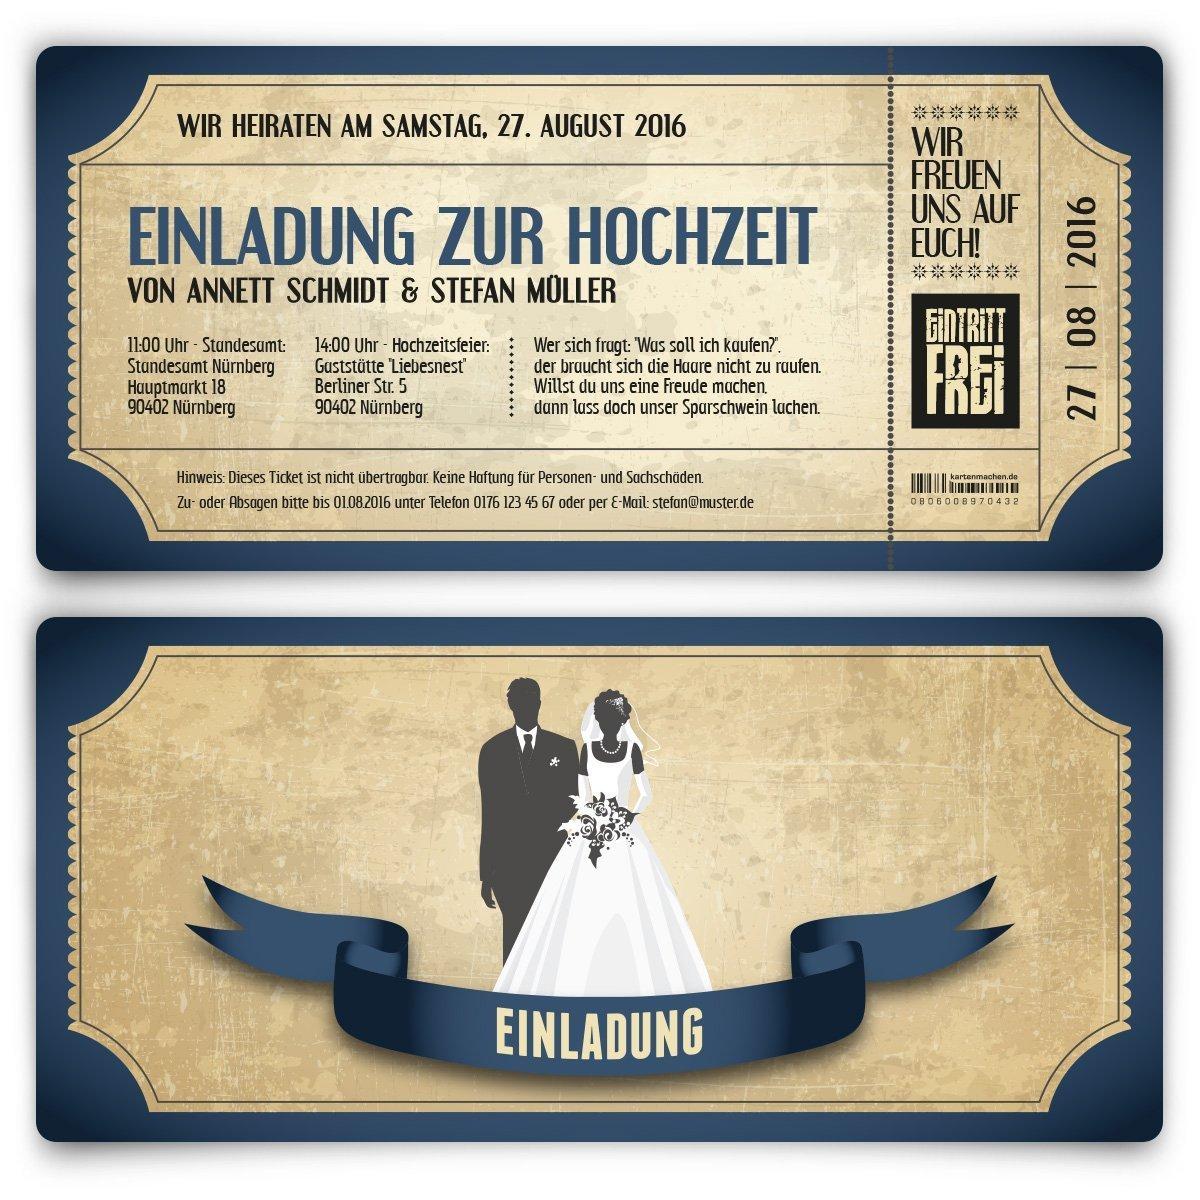 Foto Einladung Hochzeit Vorlagen